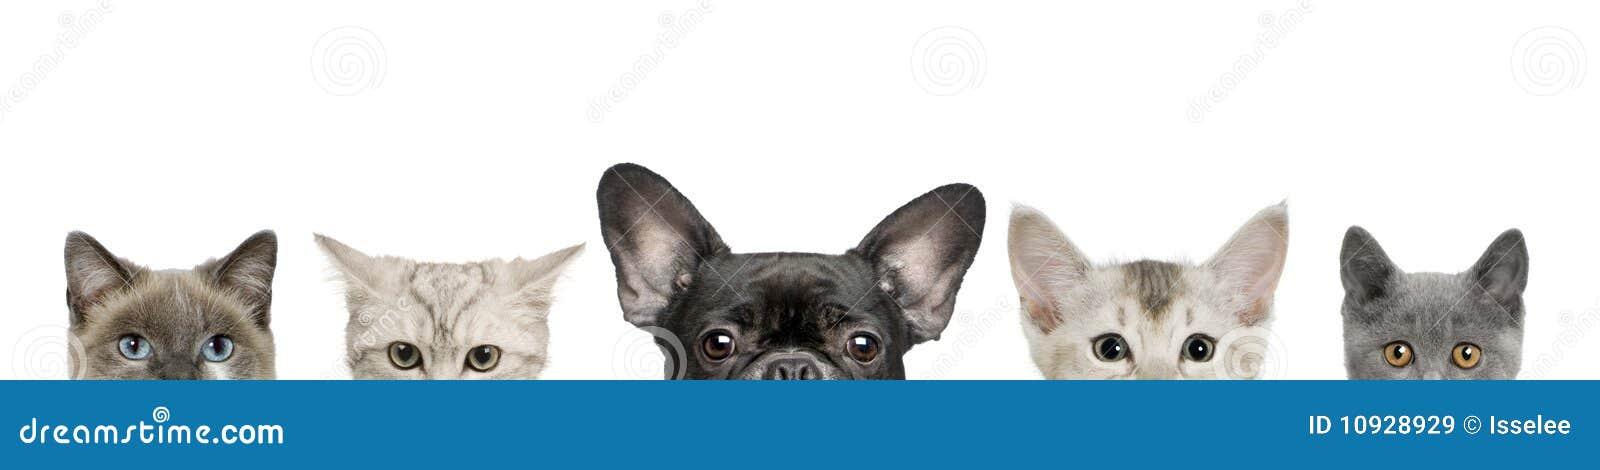 Teste della testa e del gatto di cane